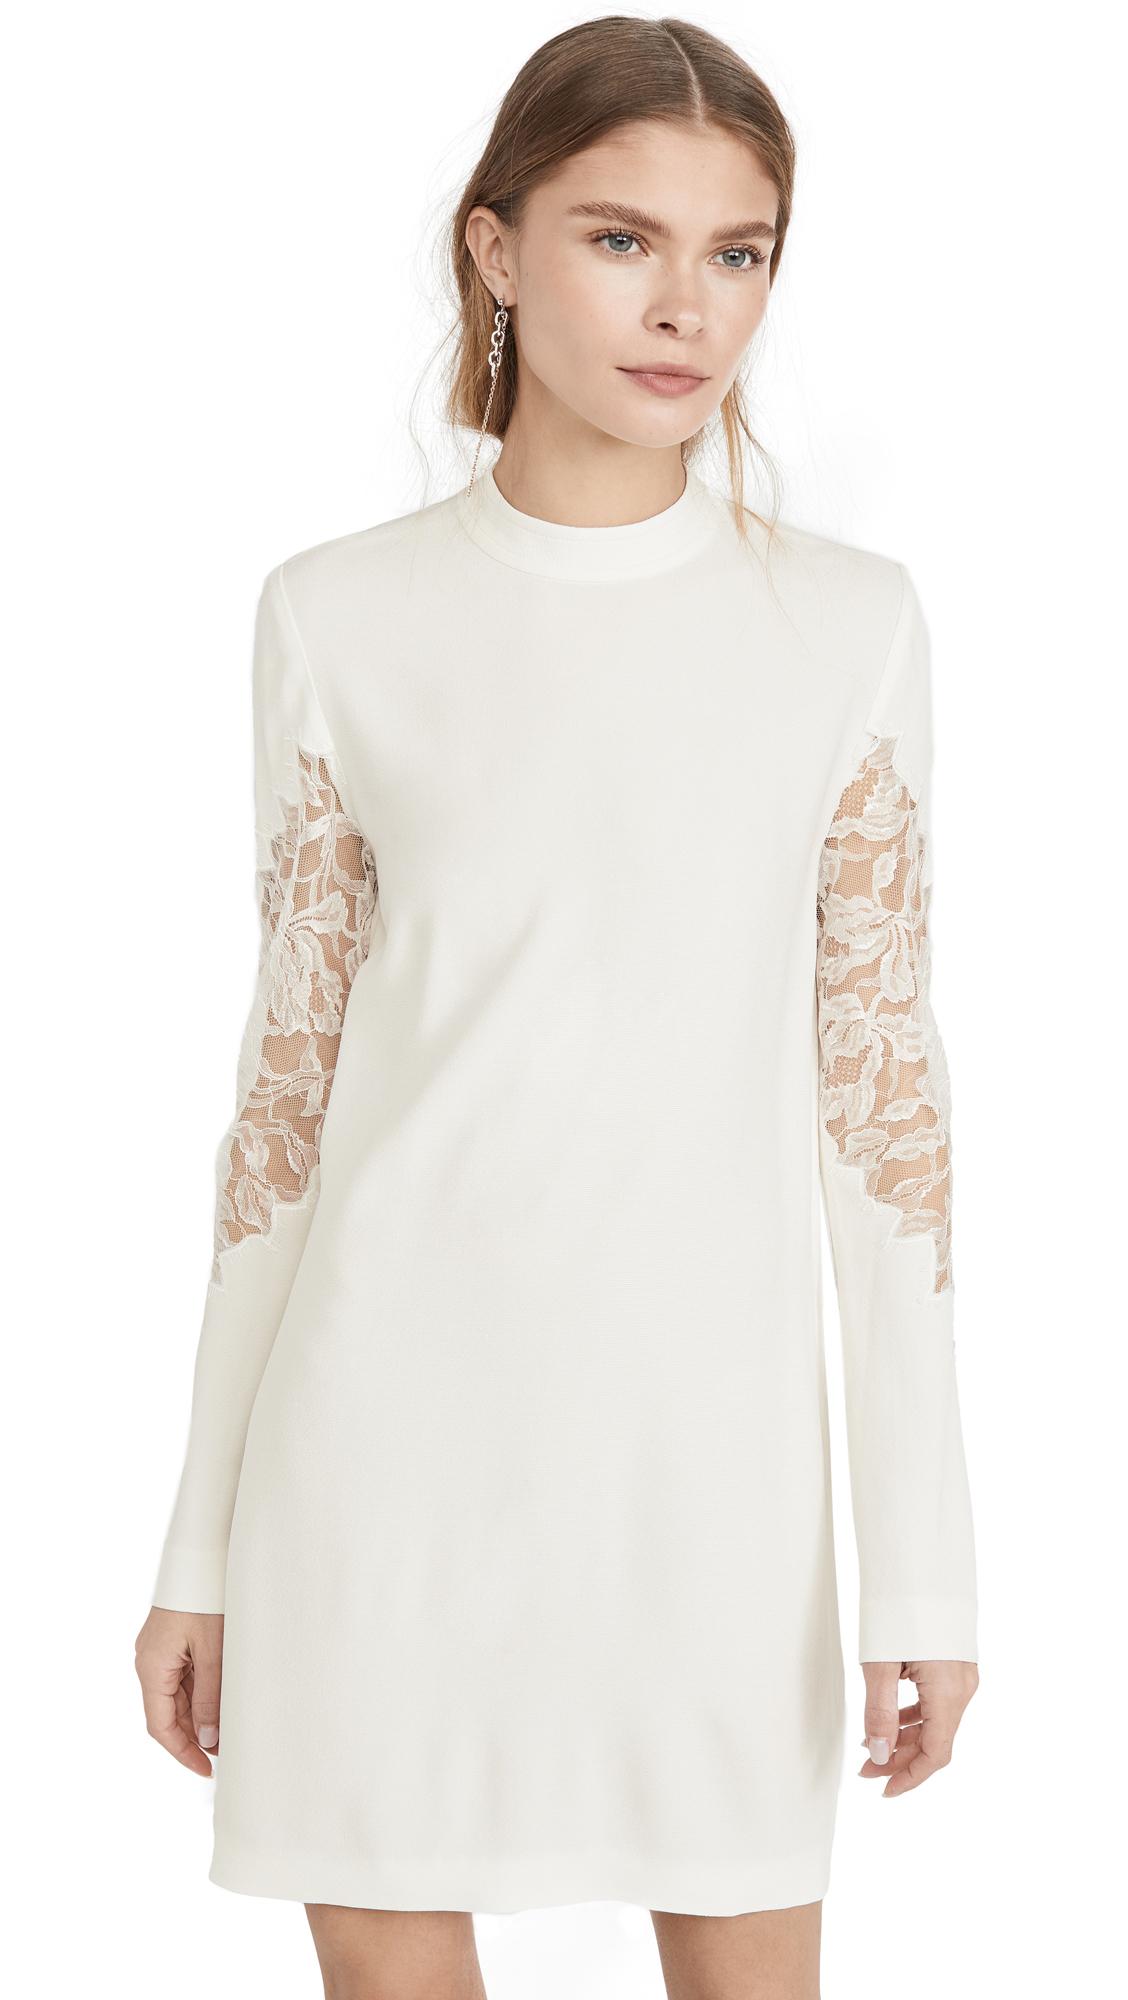 Dion Lee Lace Applique Mini Long Sleeve Dress - 40% Off Sale